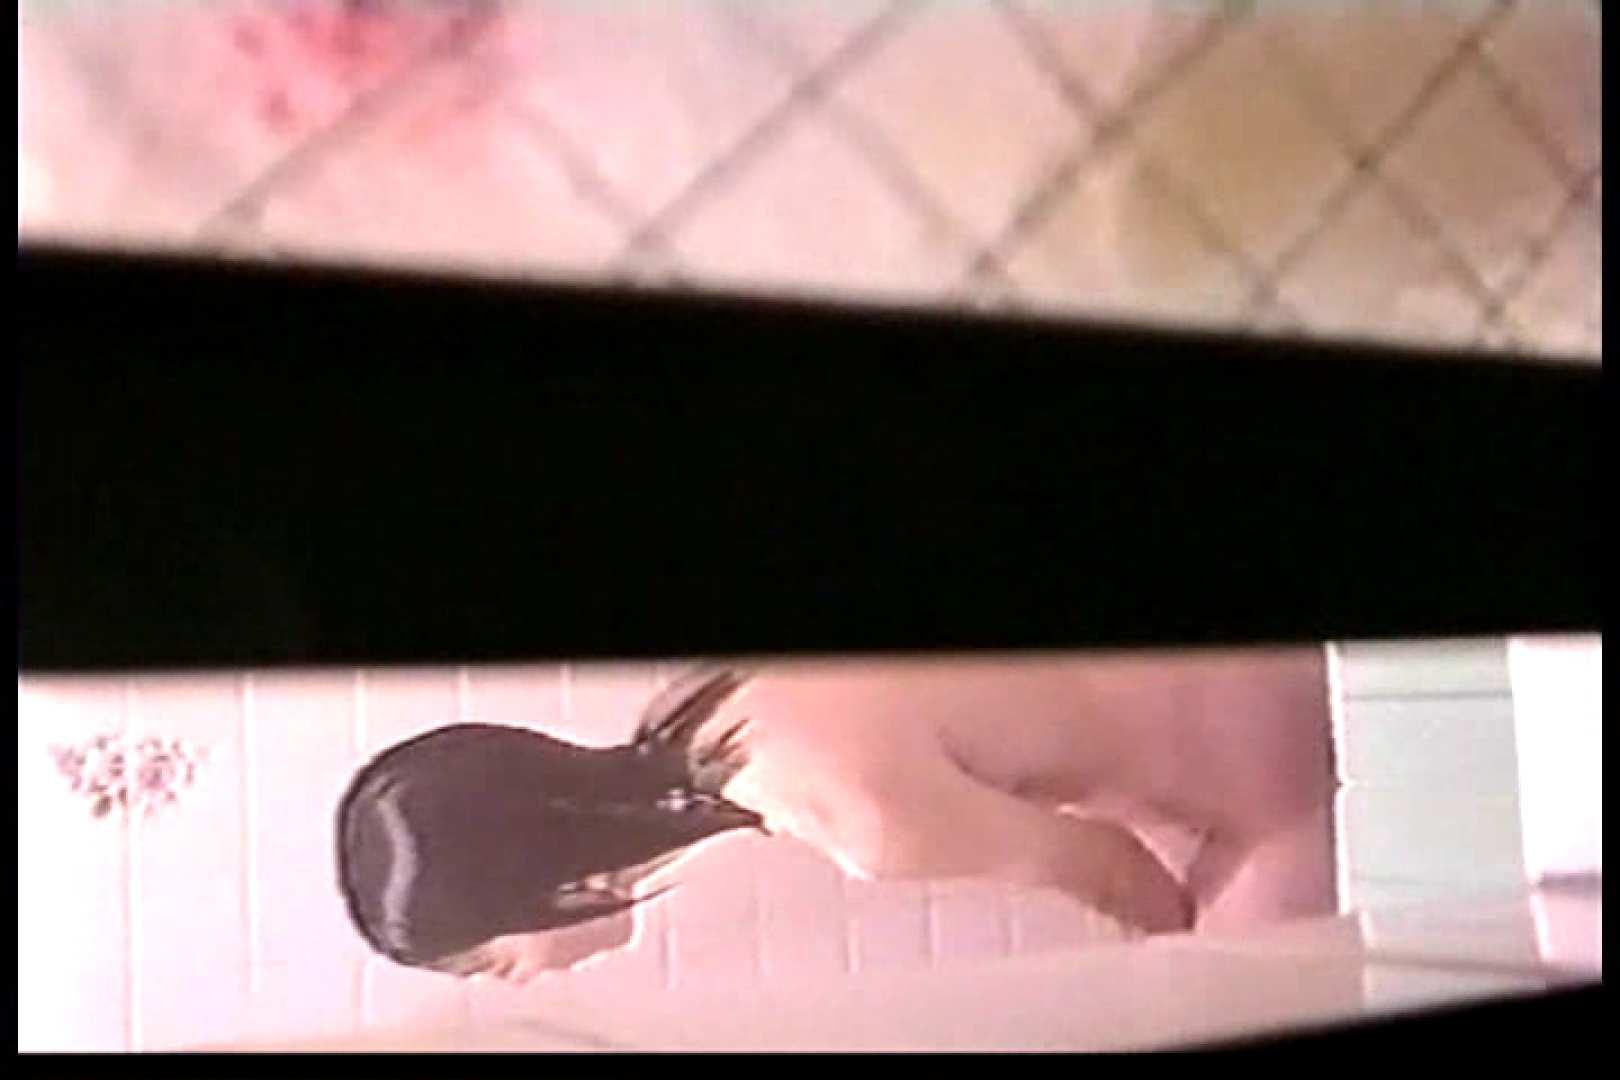 バレまくり!! 絶叫民家女風呂盗撮Vol.1 OLの実態 覗きワレメ動画紹介 41pic 22